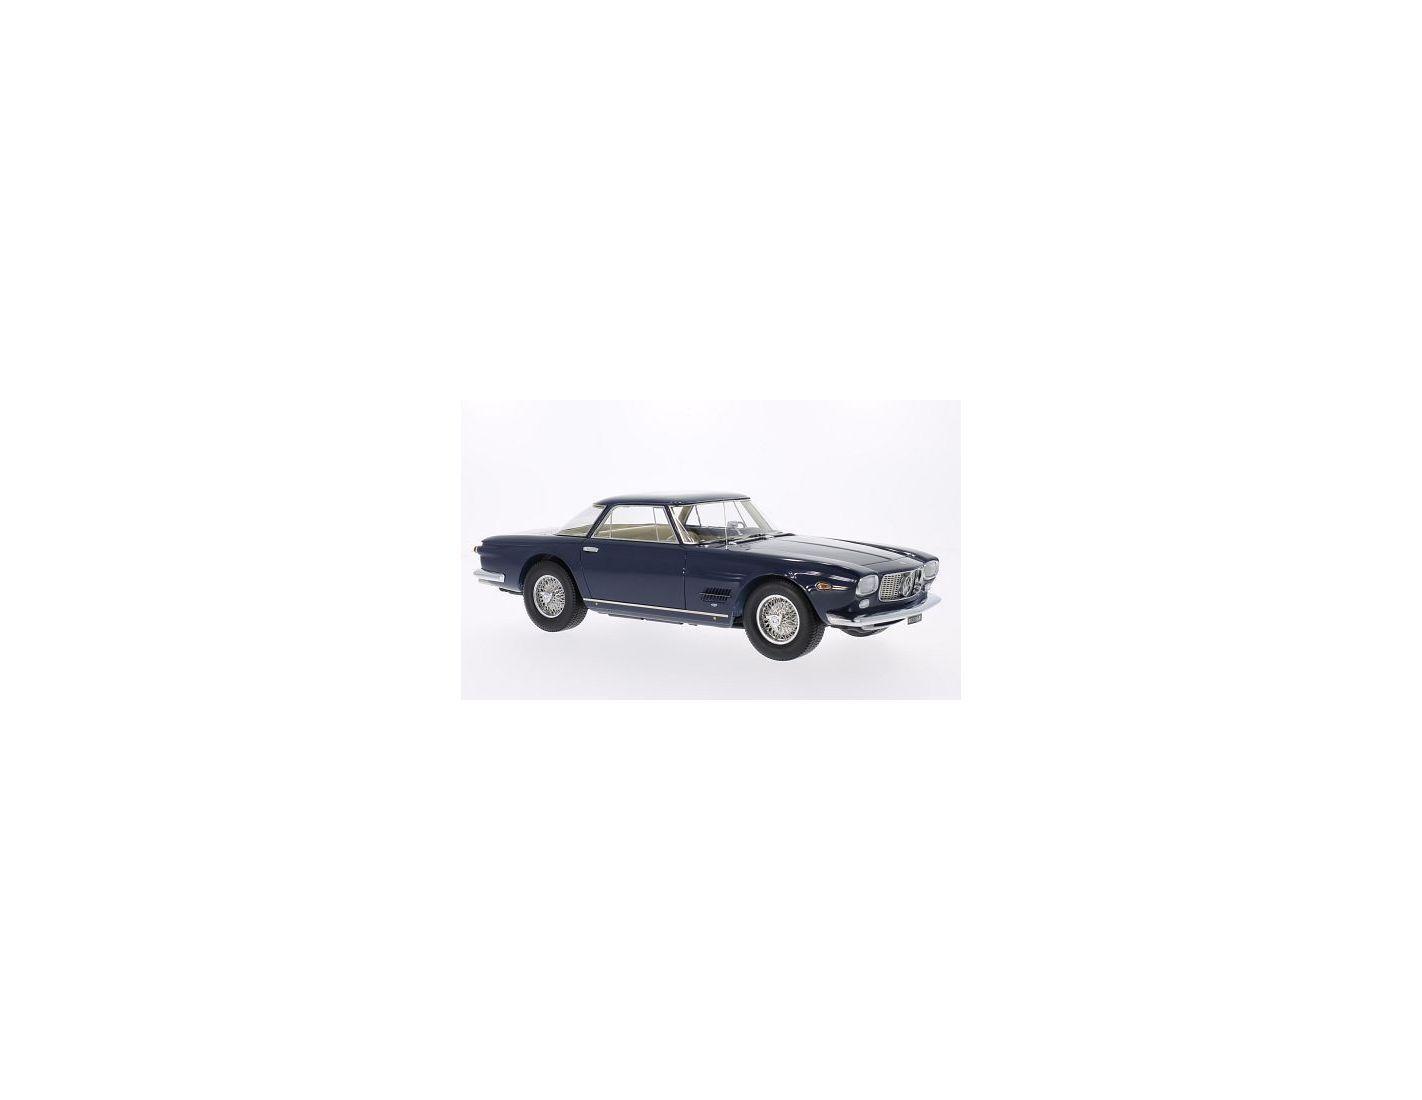 Neo Scale Models NEO18240 MASERATI 5000 GT ALLEMANO 1959 DARK blu 1 18 Modellin